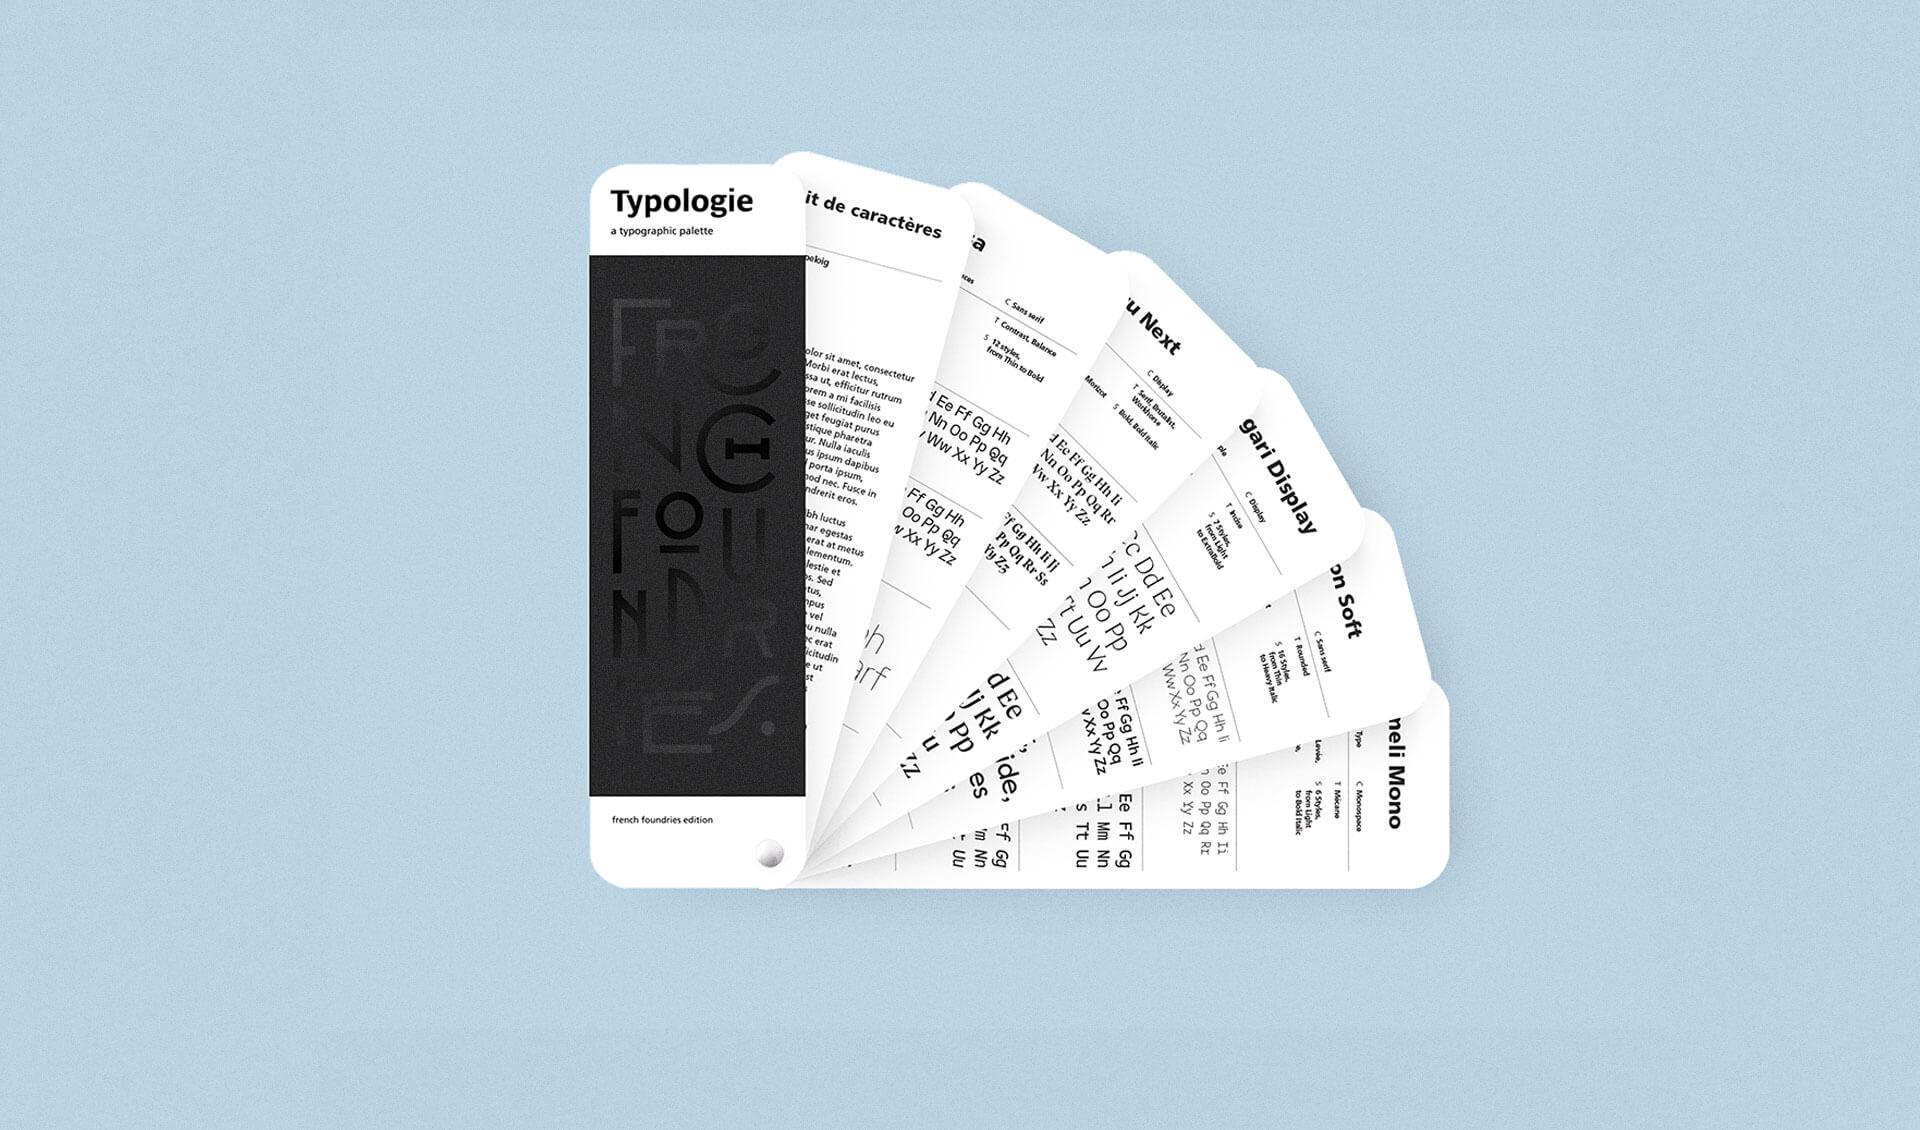 Découvrez Typologie le nuancier typographique de Recto Verso